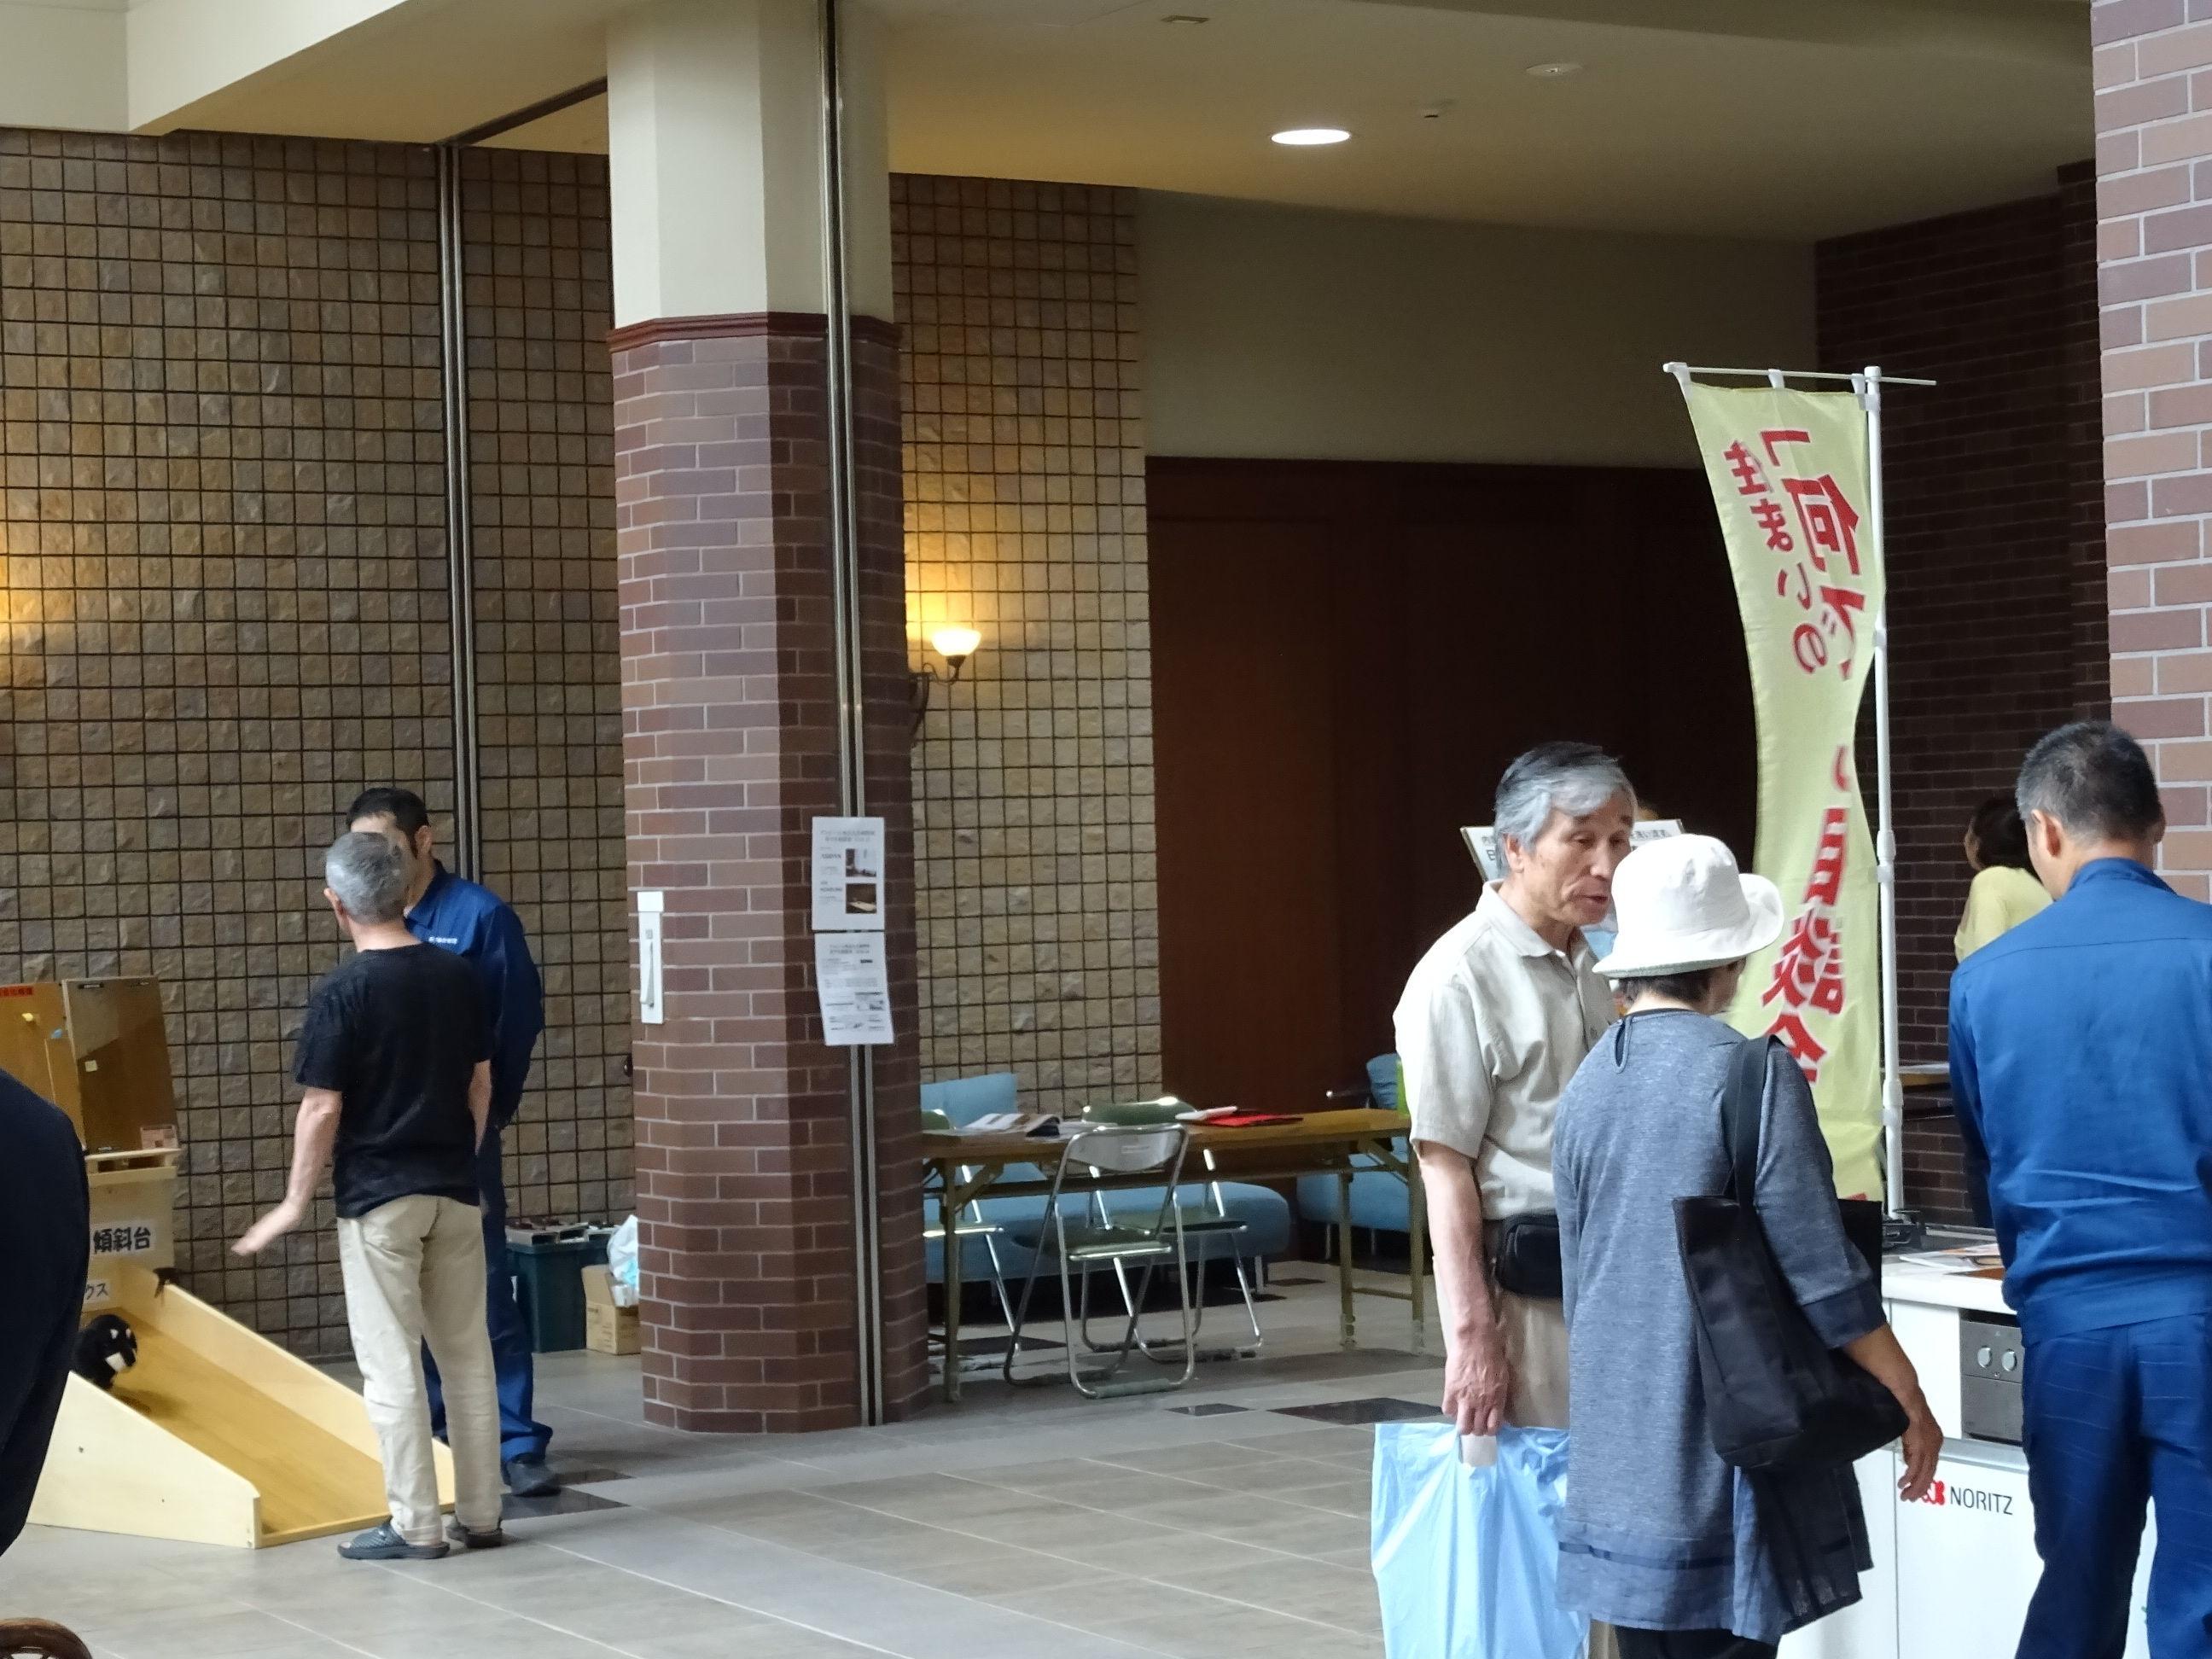 https://www.sin-ei-kanri.co.jp/event/images/DSC03862.JPG